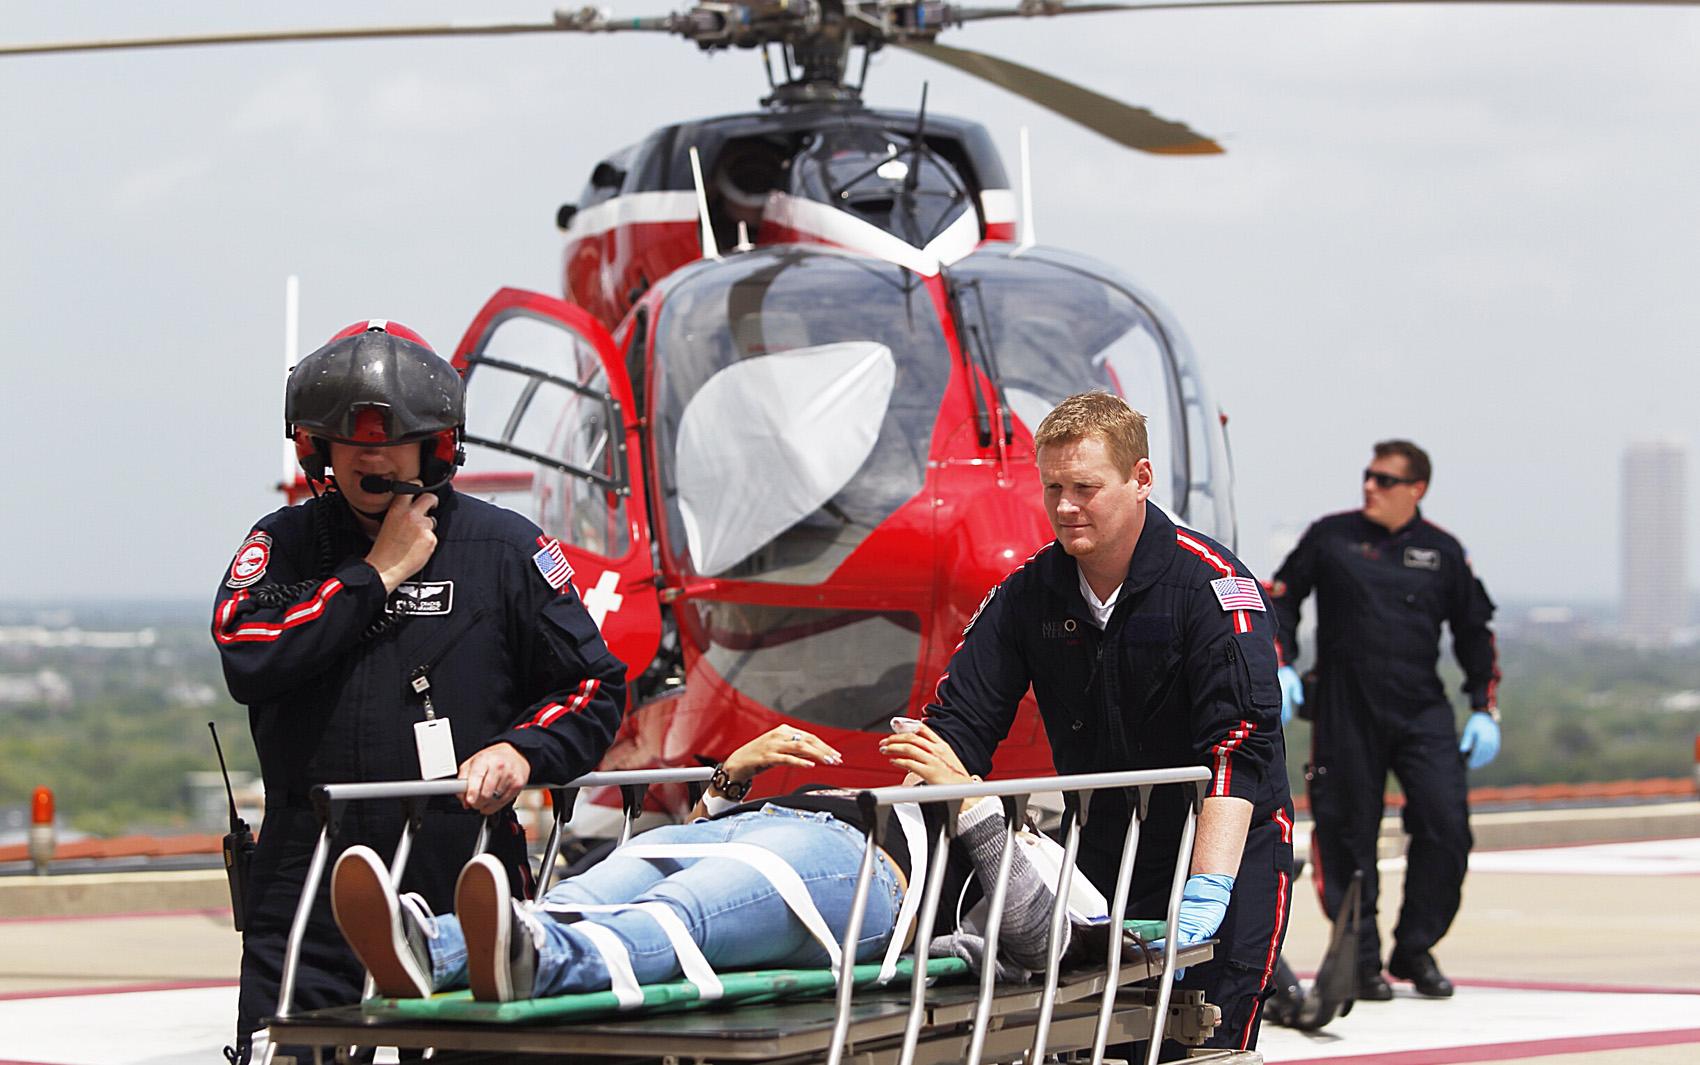 Equipes de emergência e um helicóptero atendem feridos do ataque no campus do Lone Star College, em Cypress.